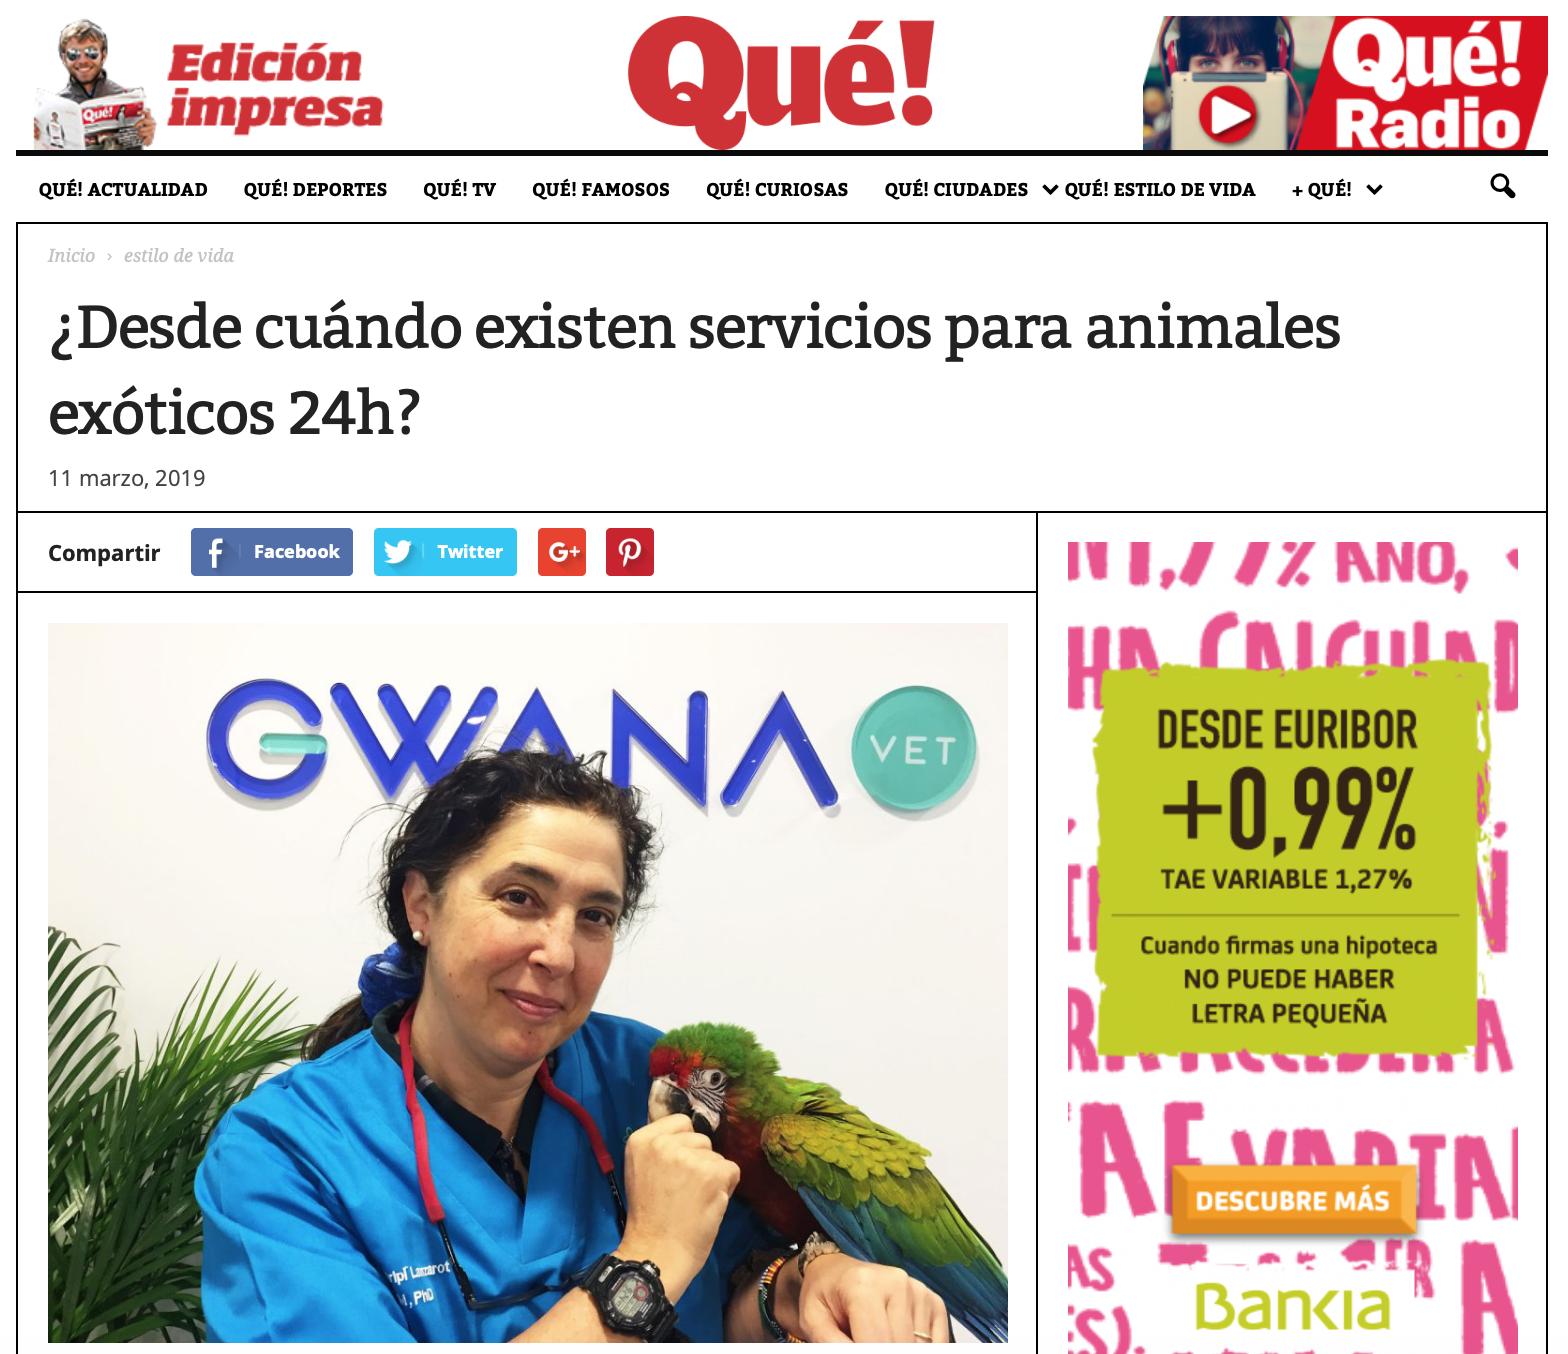 Nota de prensa Qué!